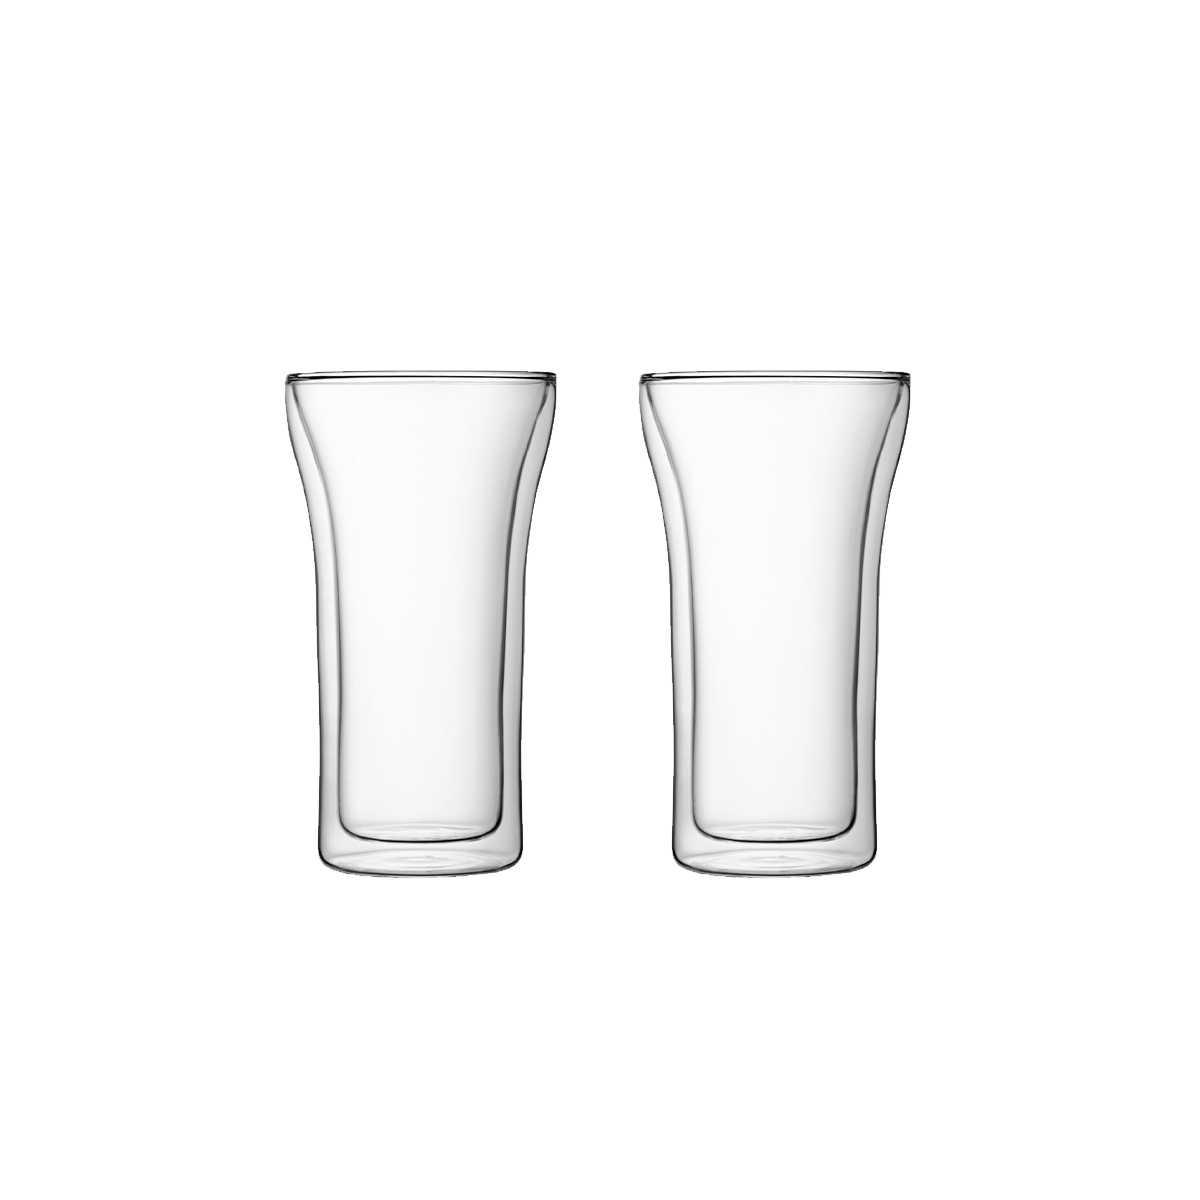 Онлайн каталог PROMENU: Набор термо-стаканов 0,4 л, 2 шт Bodum Assam  (4547-10) Bodum 4547-10